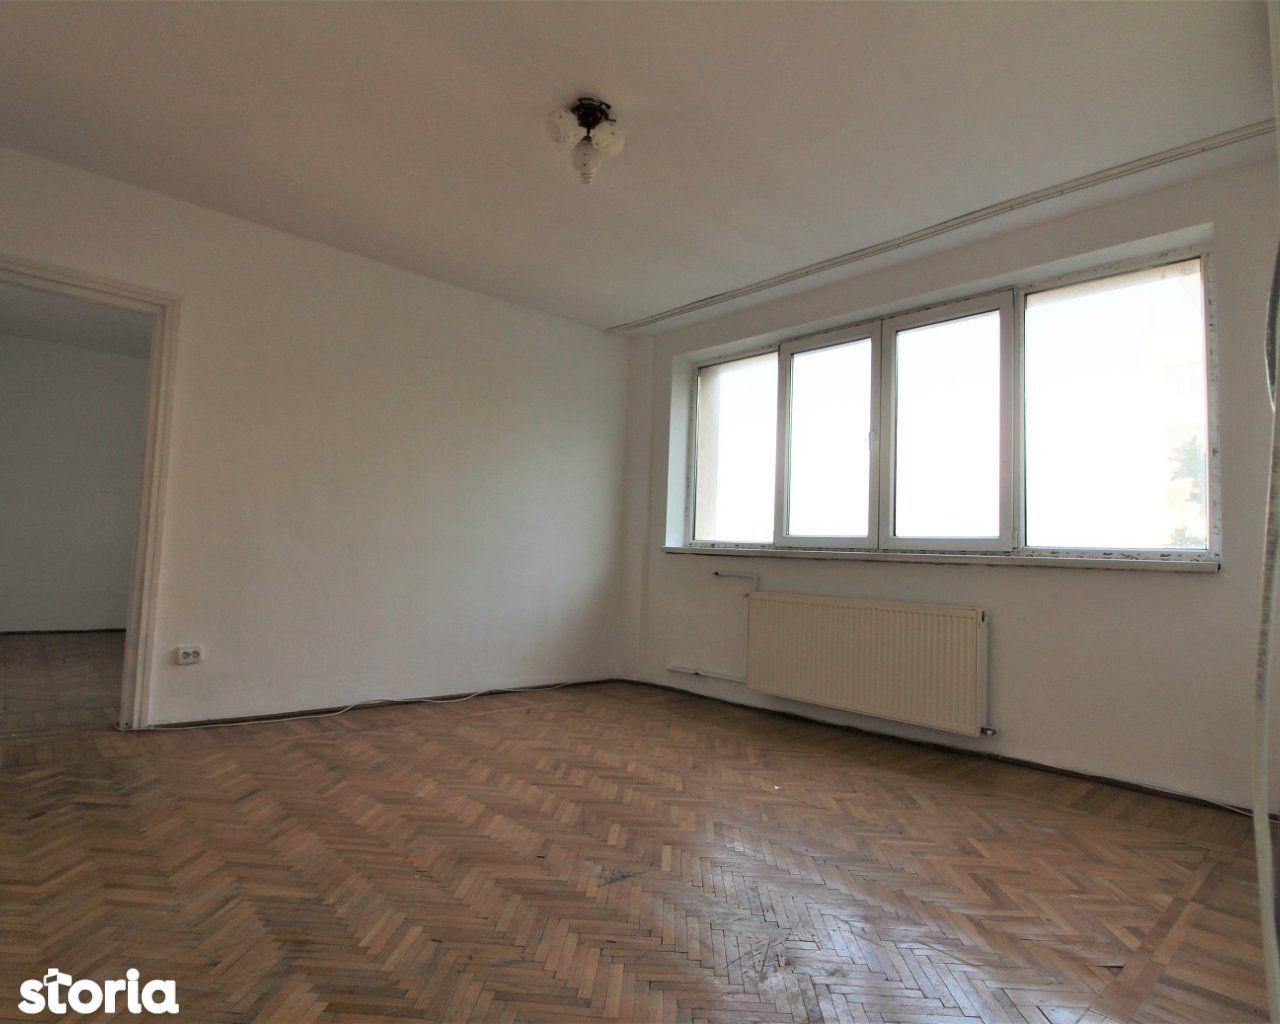 Apartament de vanzare, București (judet), Gara de Nord - Foto 1